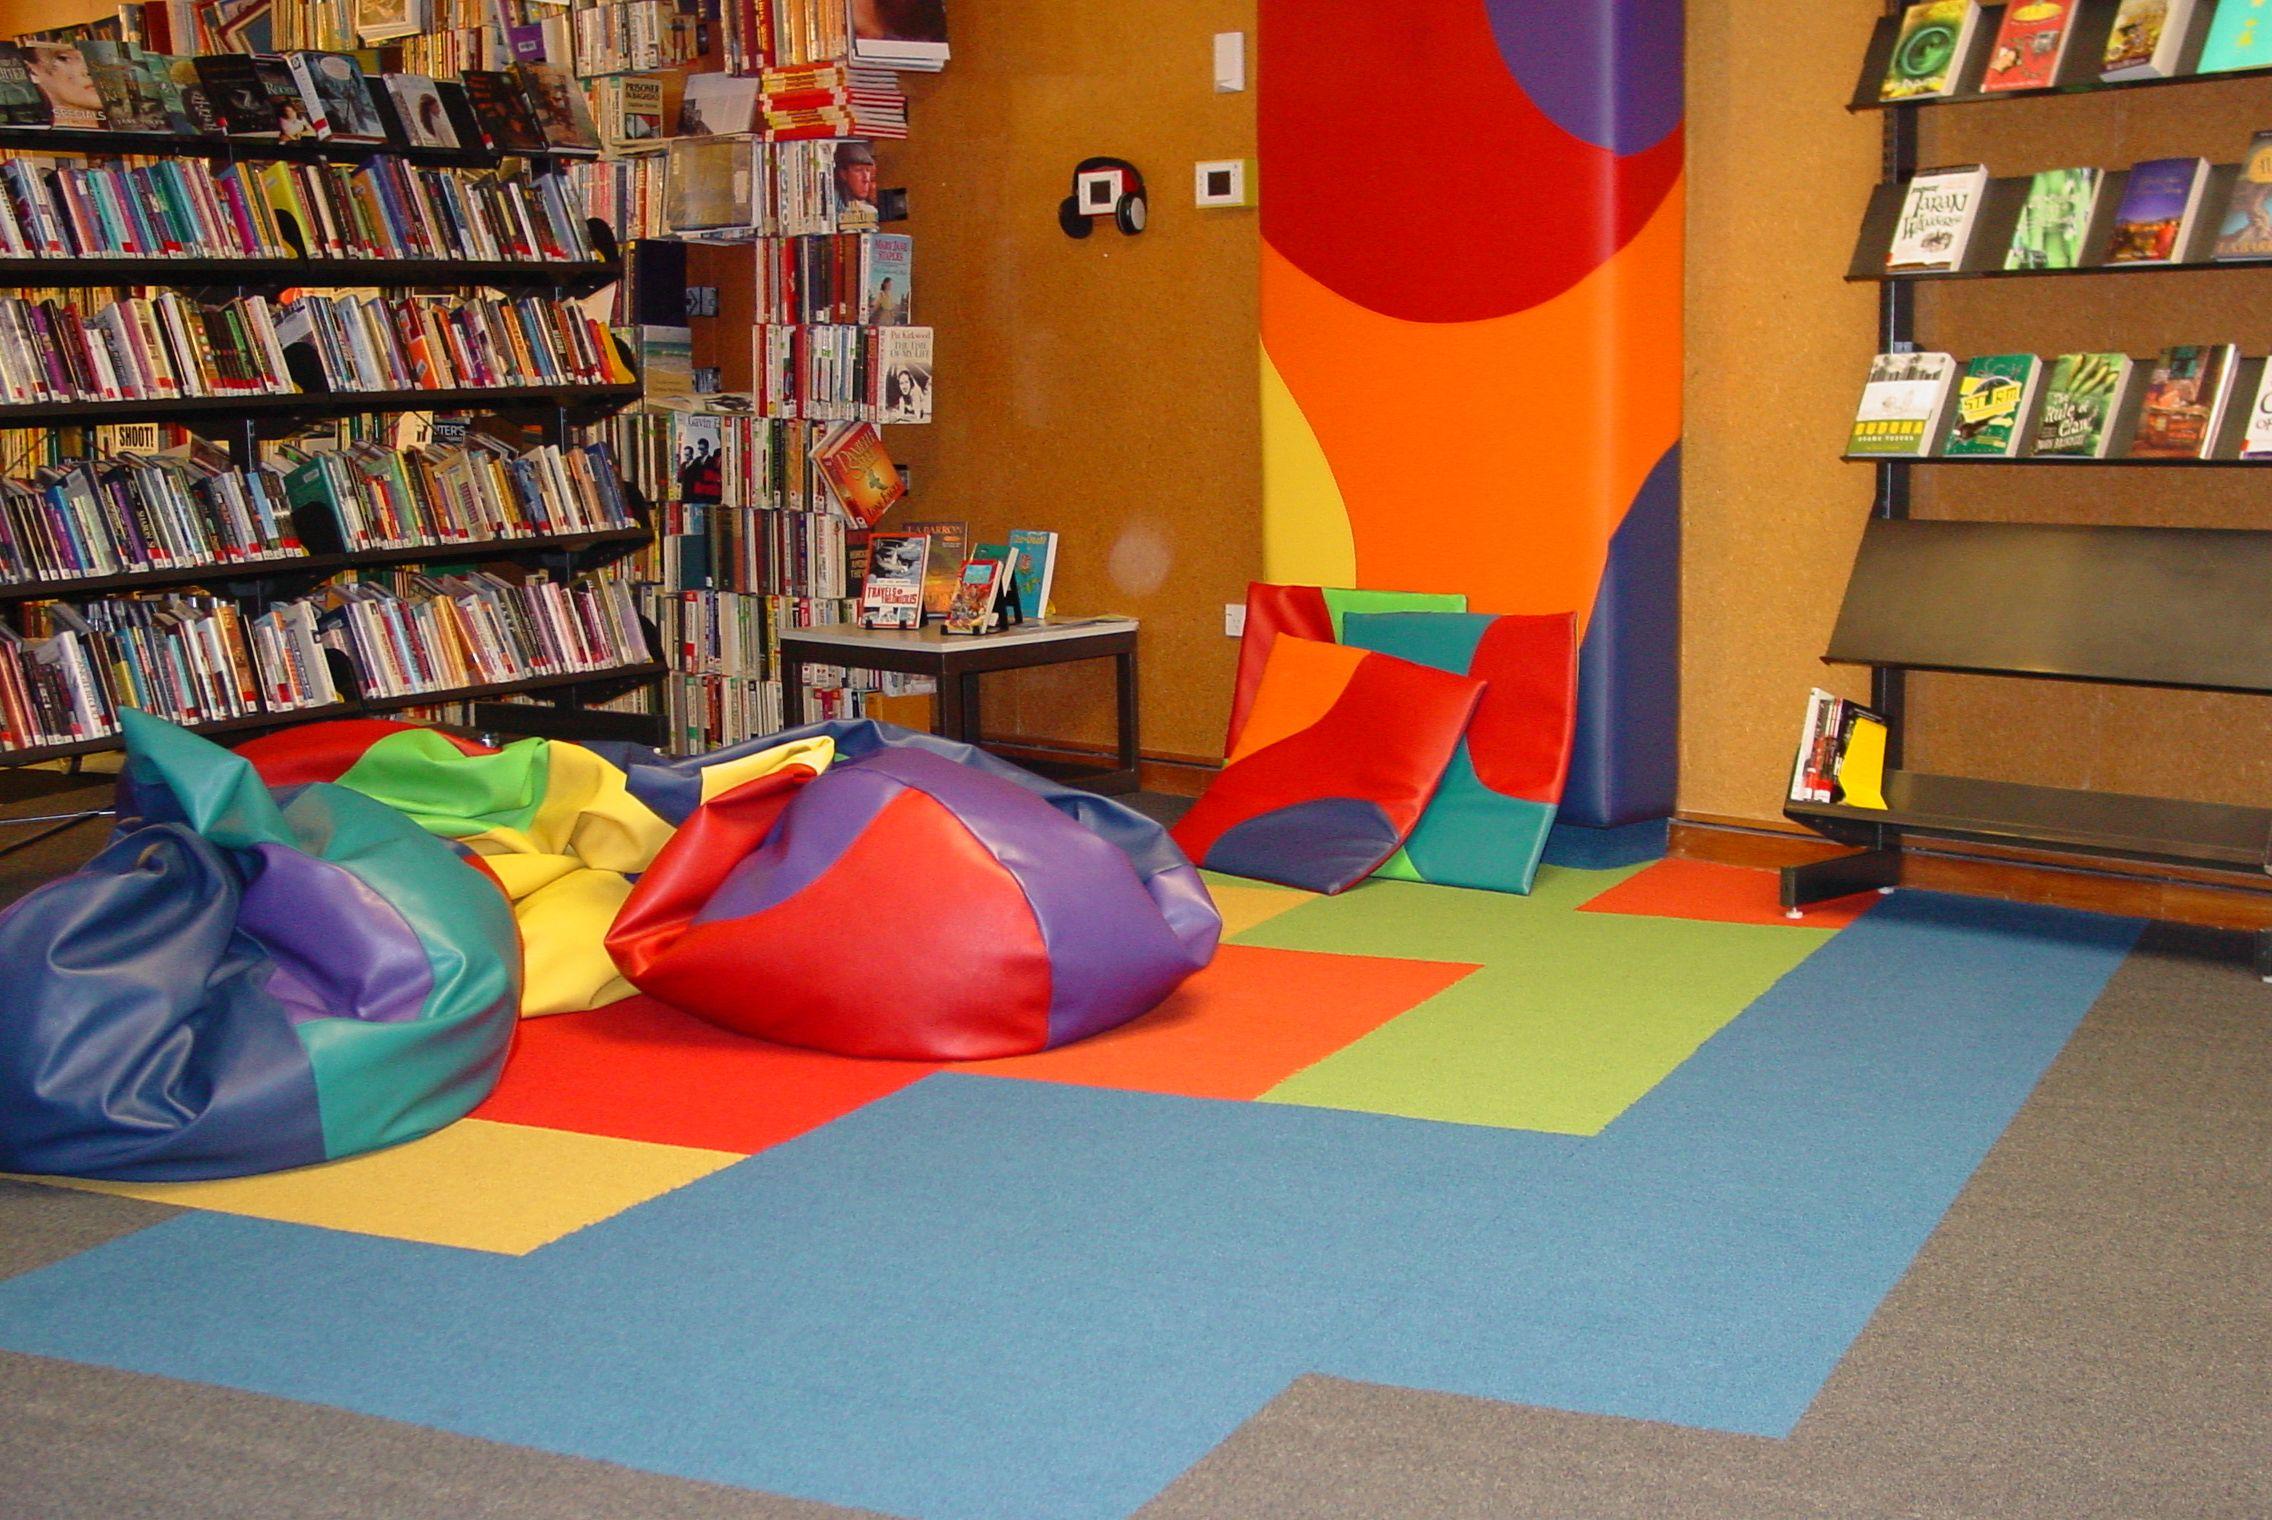 Dunedin 2 Carpet Tiles Modular Carpet Modular Carpet Tiles